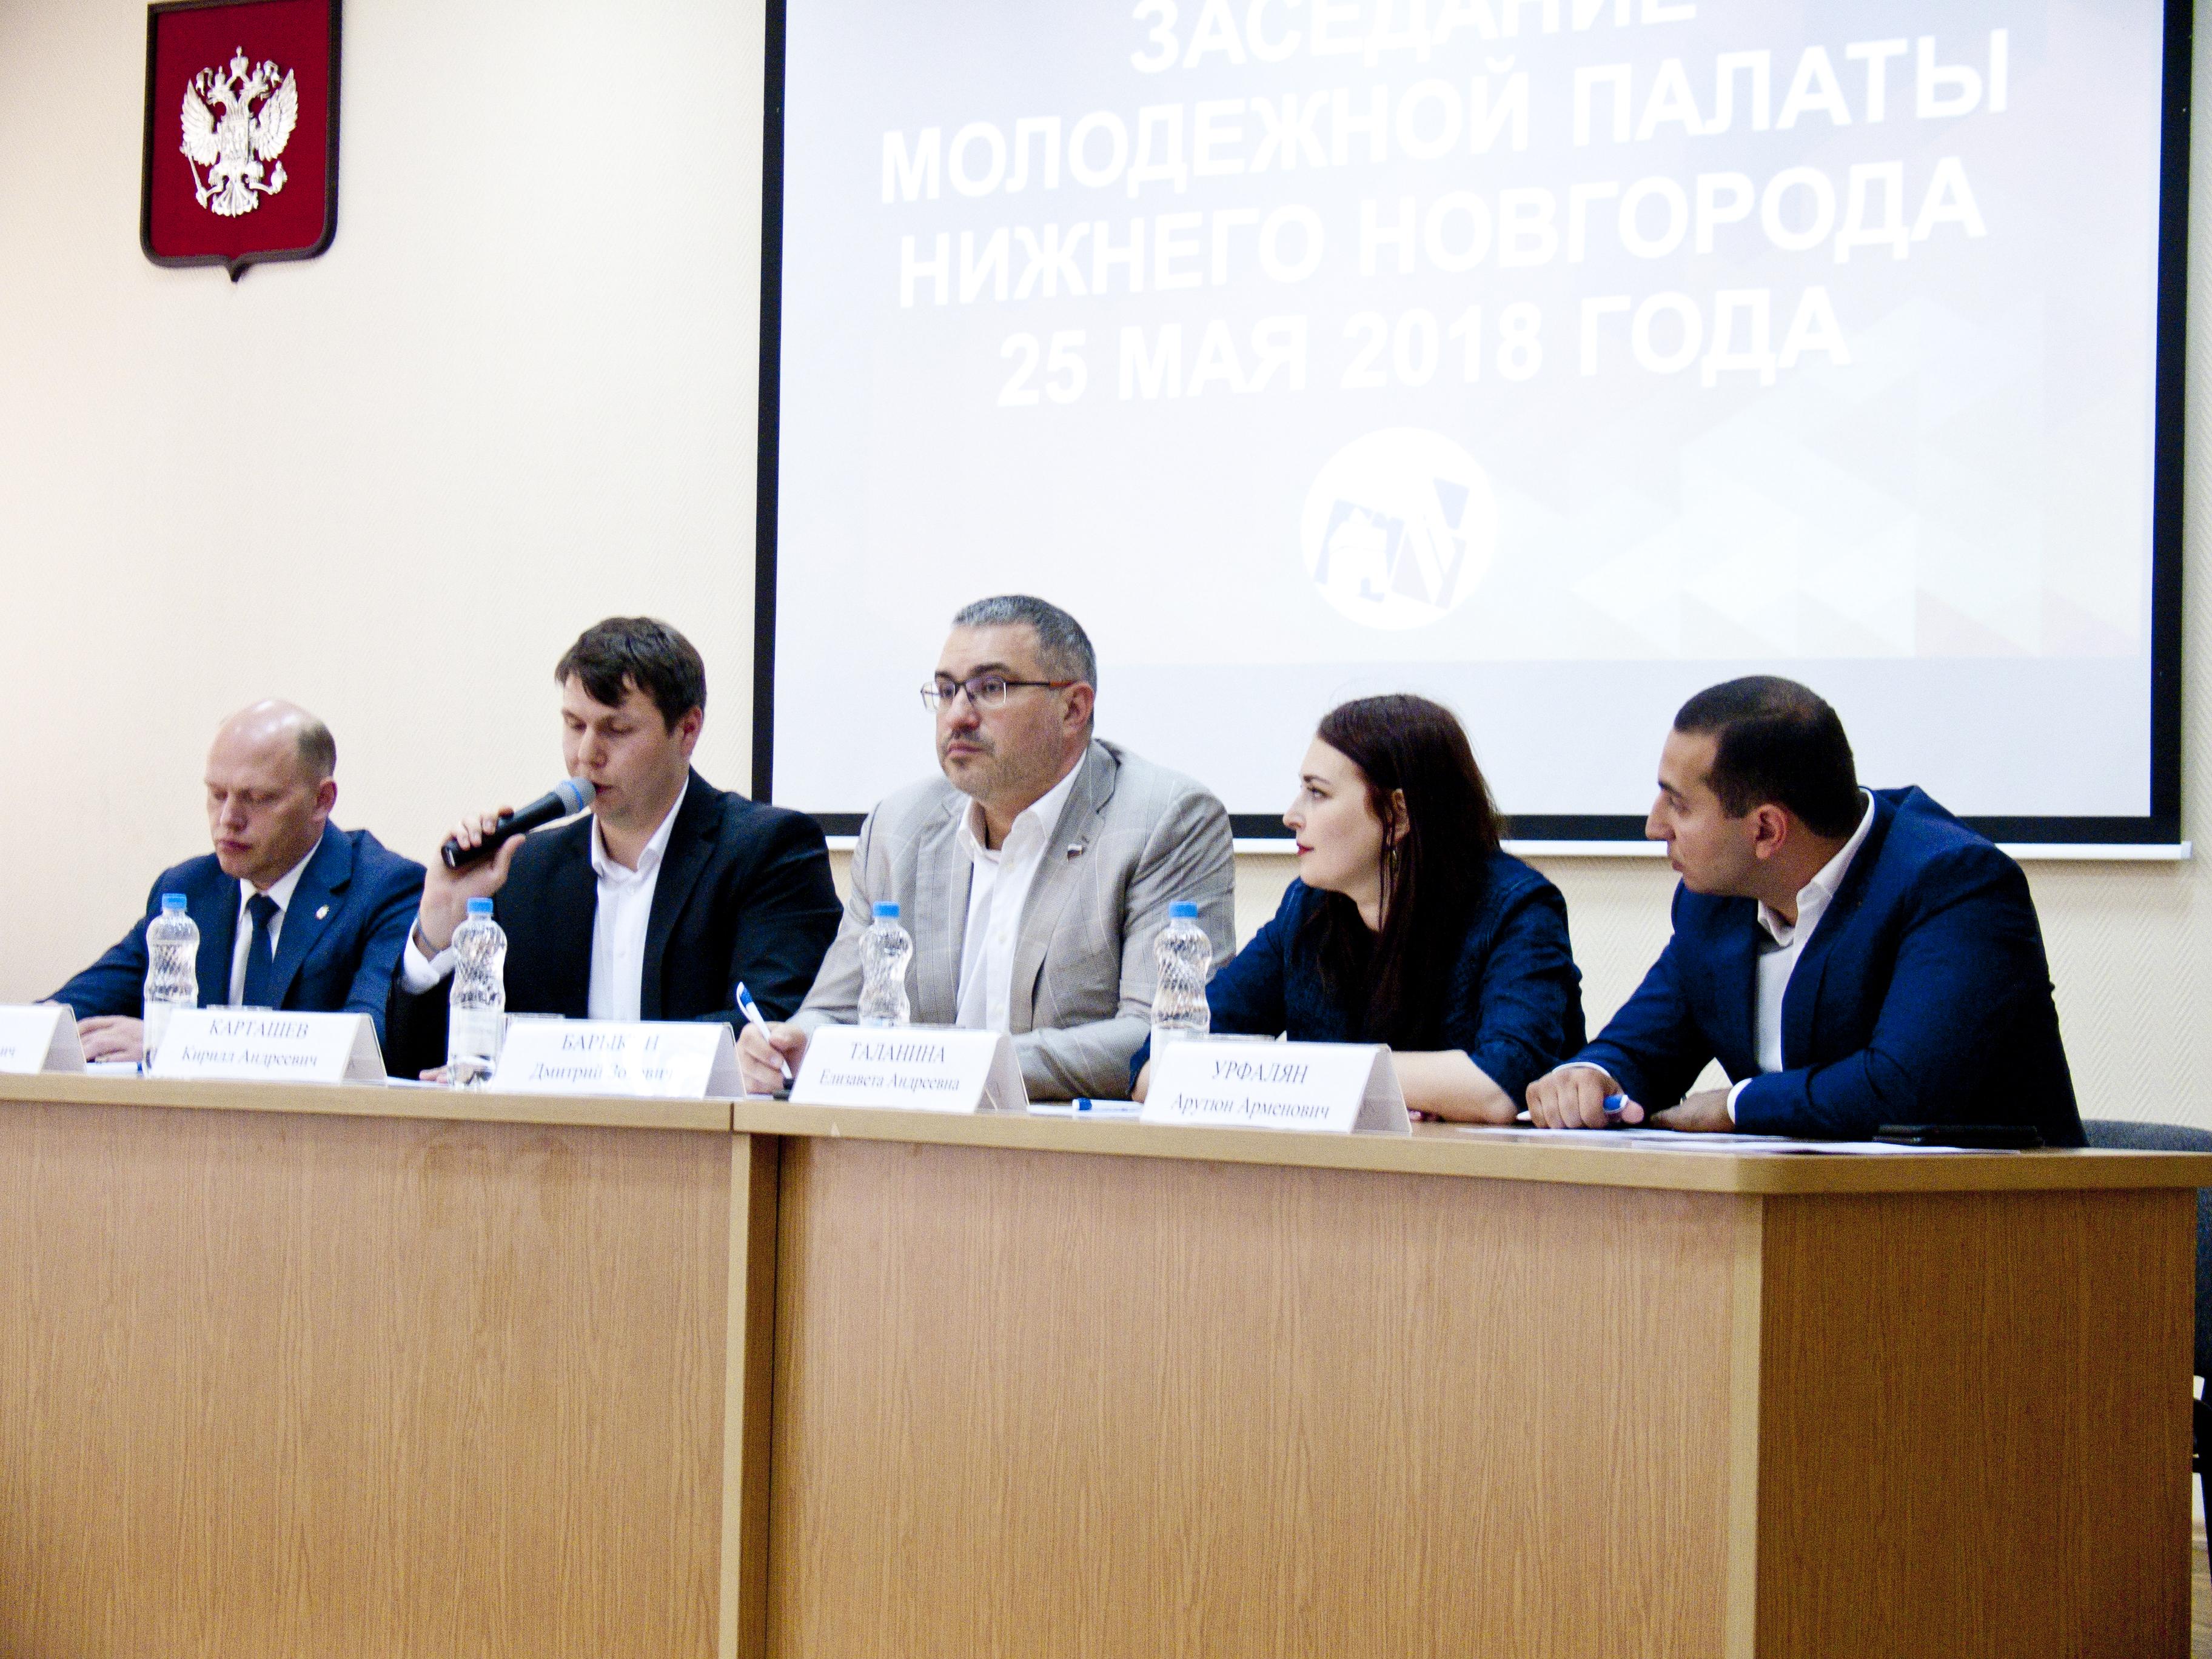 Нижегородская молодежь предложит свои варианты использования объектов ЧМ-2018